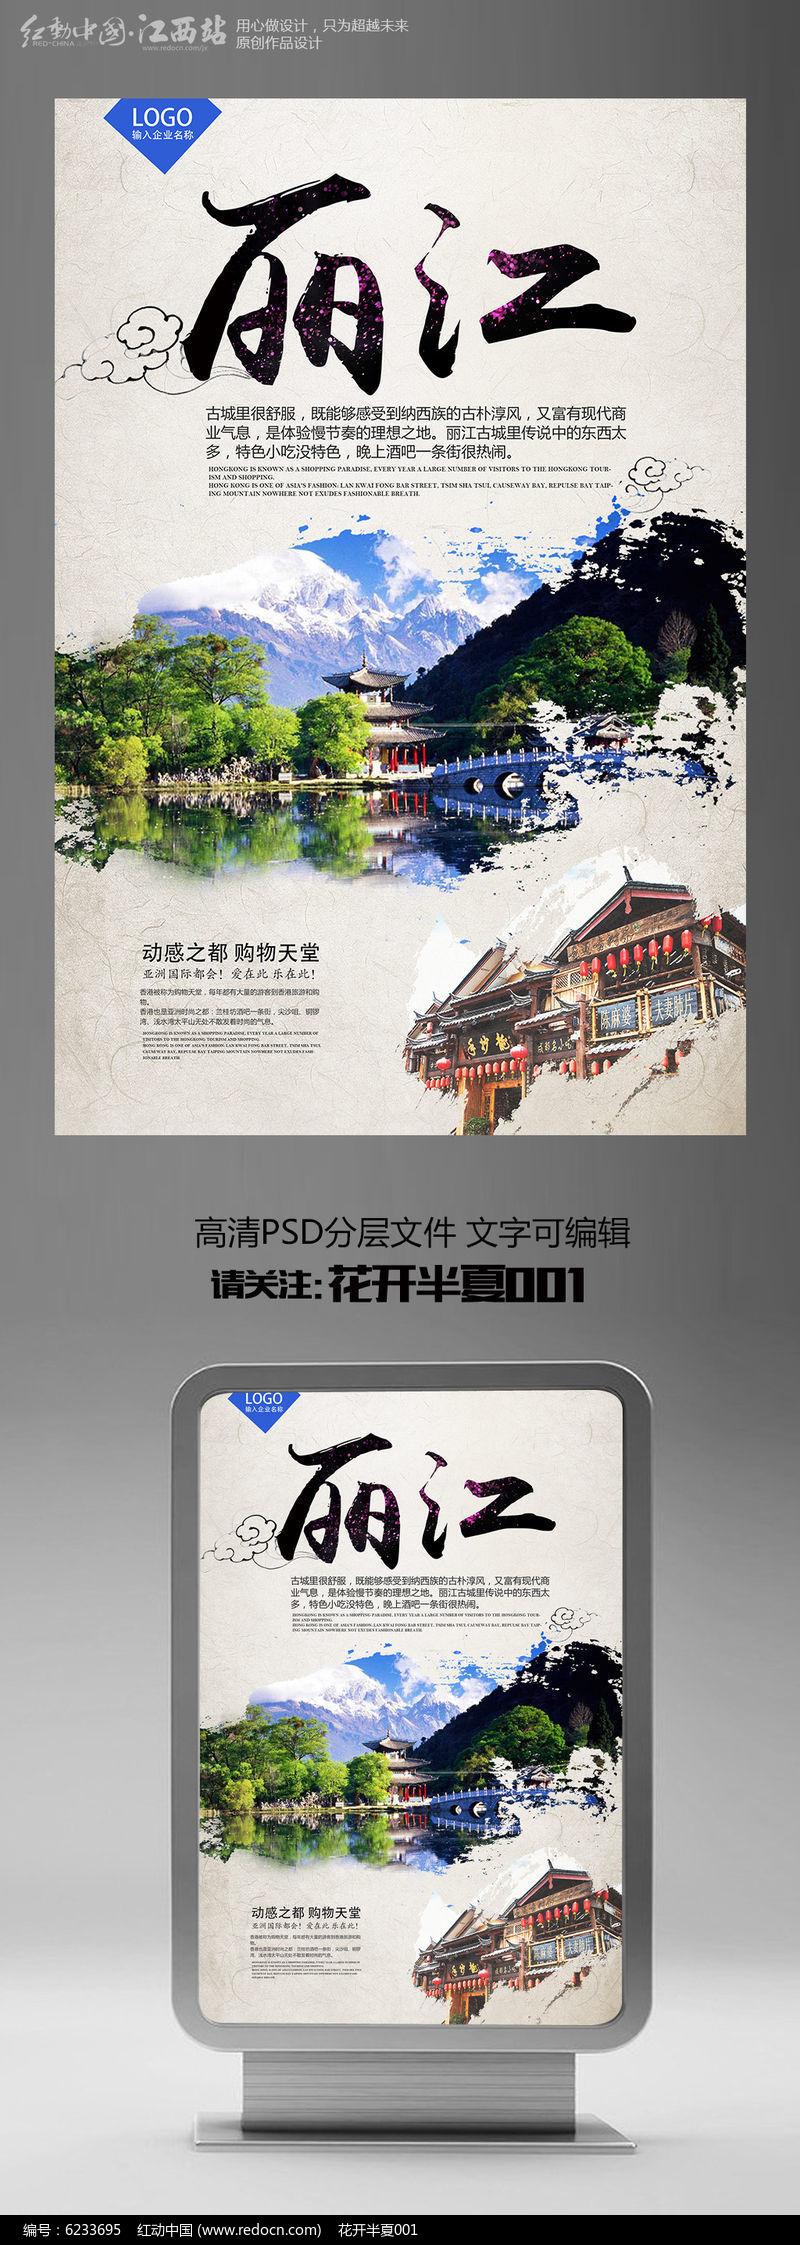 丽江旅行海报设计图片